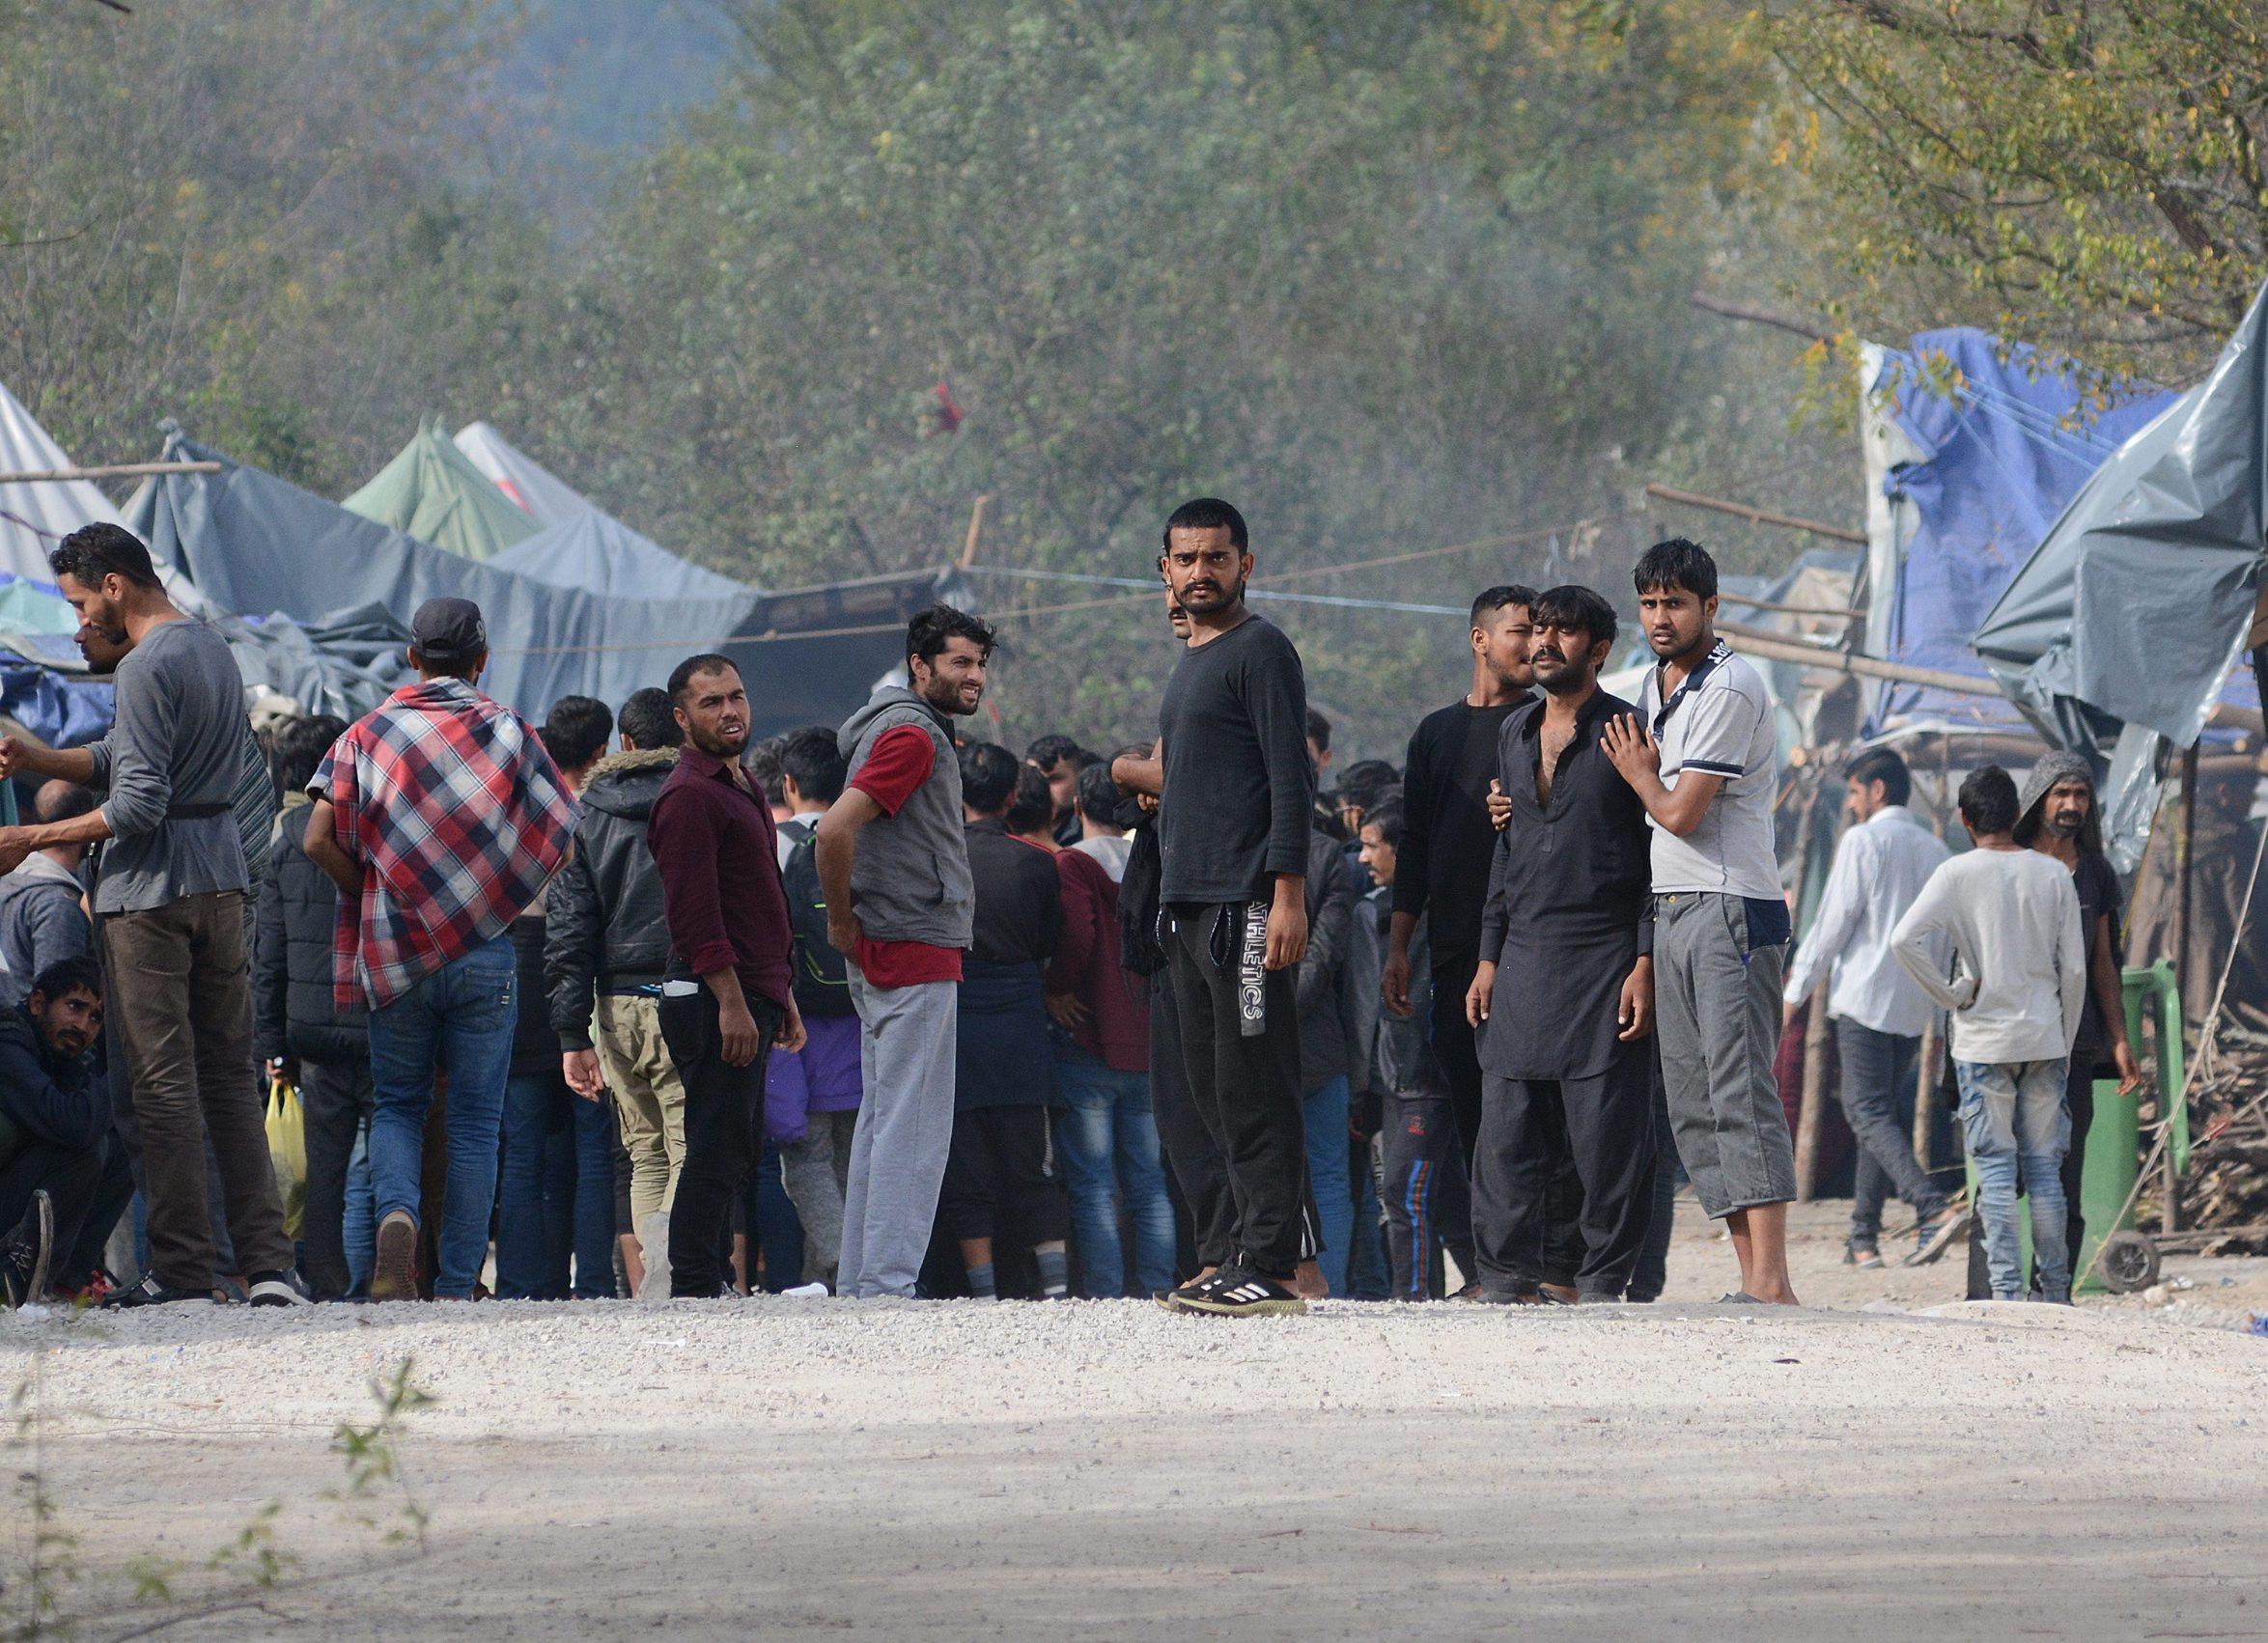 Migranti u kampu Vučjak kod Bihaća